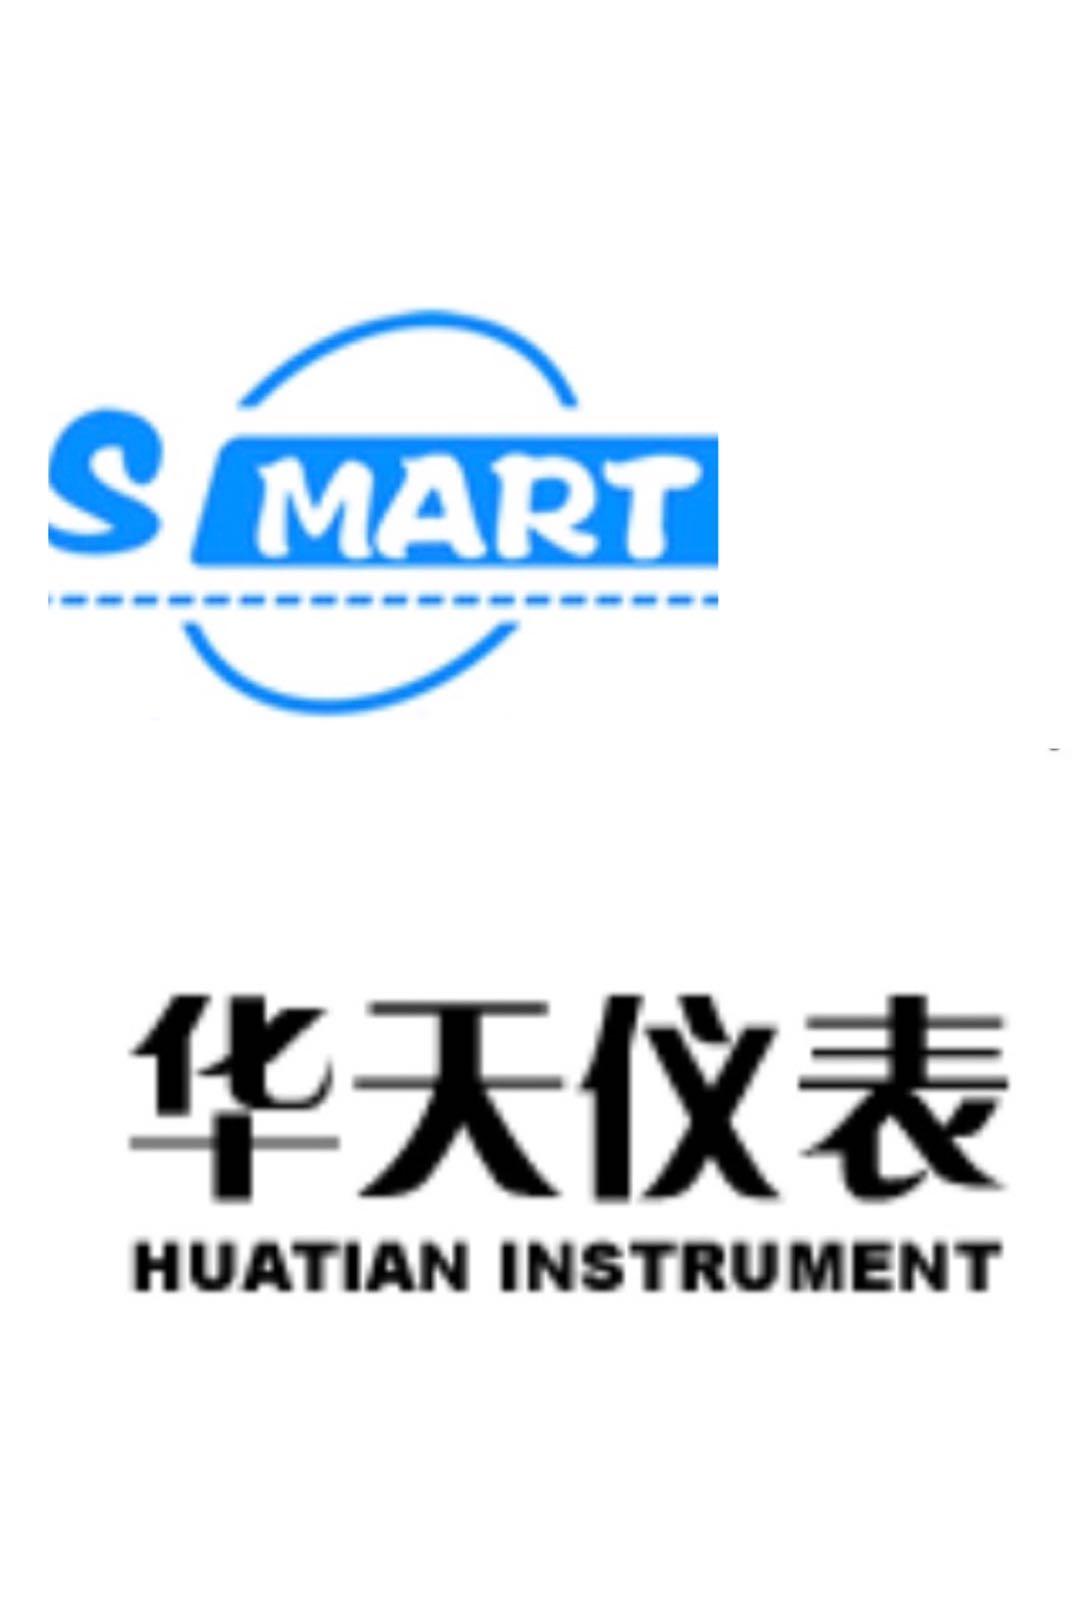 深圳市昊华电气有限公司